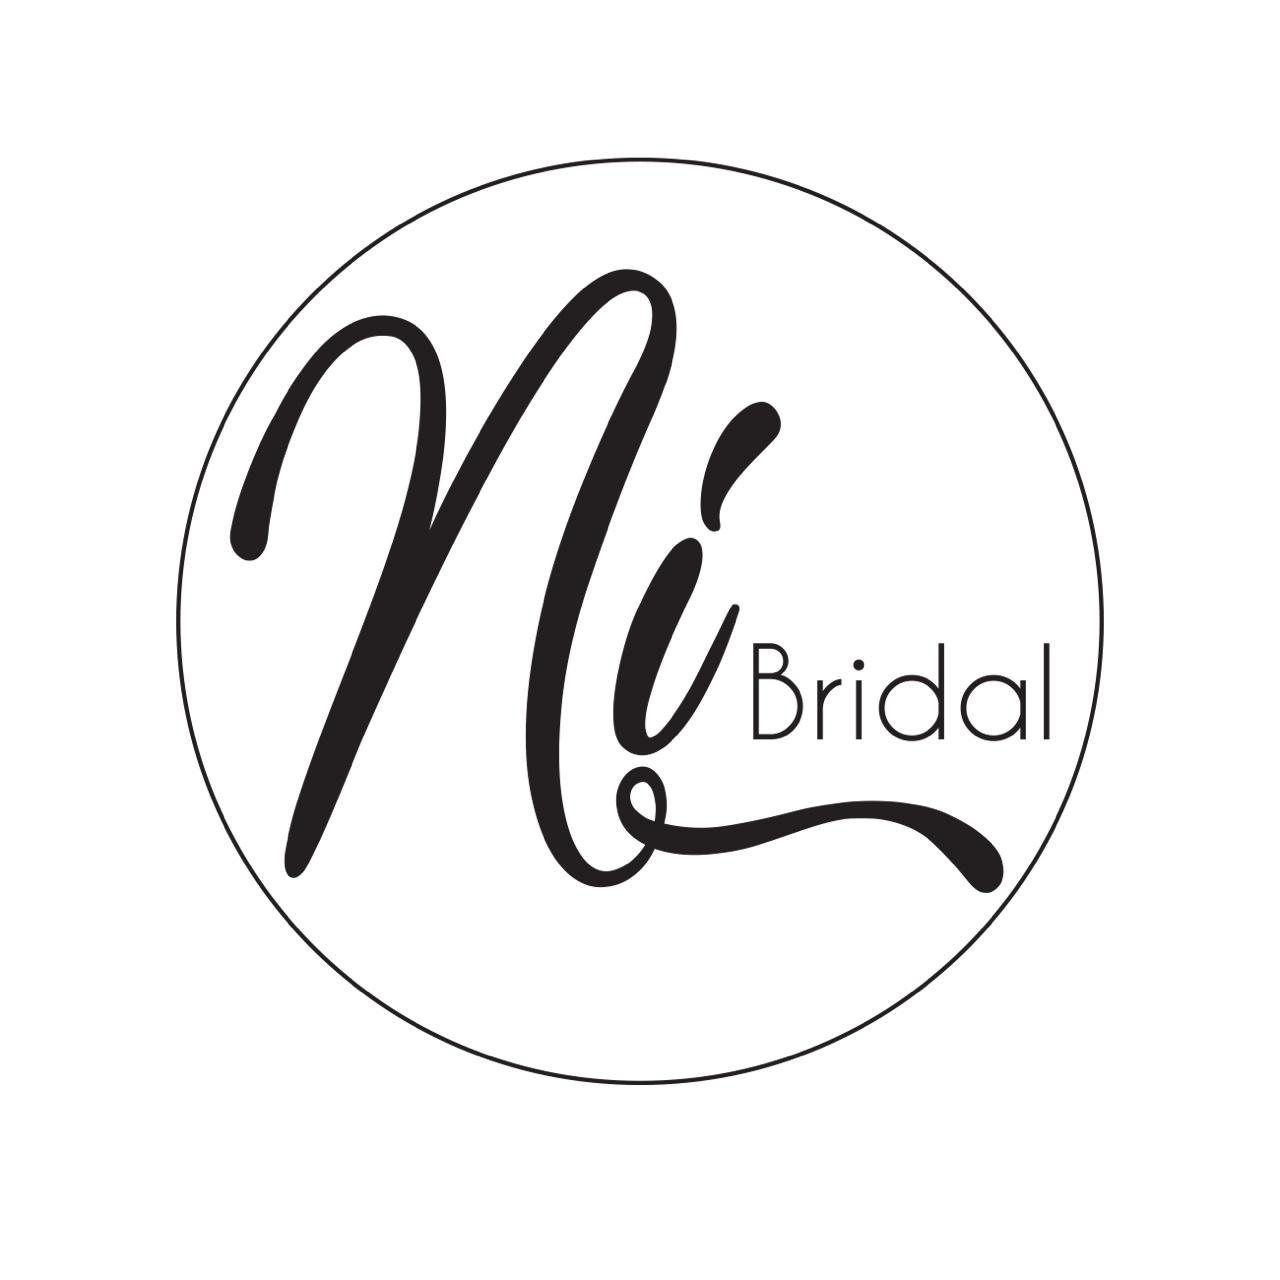 Ni Bridal - TP Hồ Chí Minh